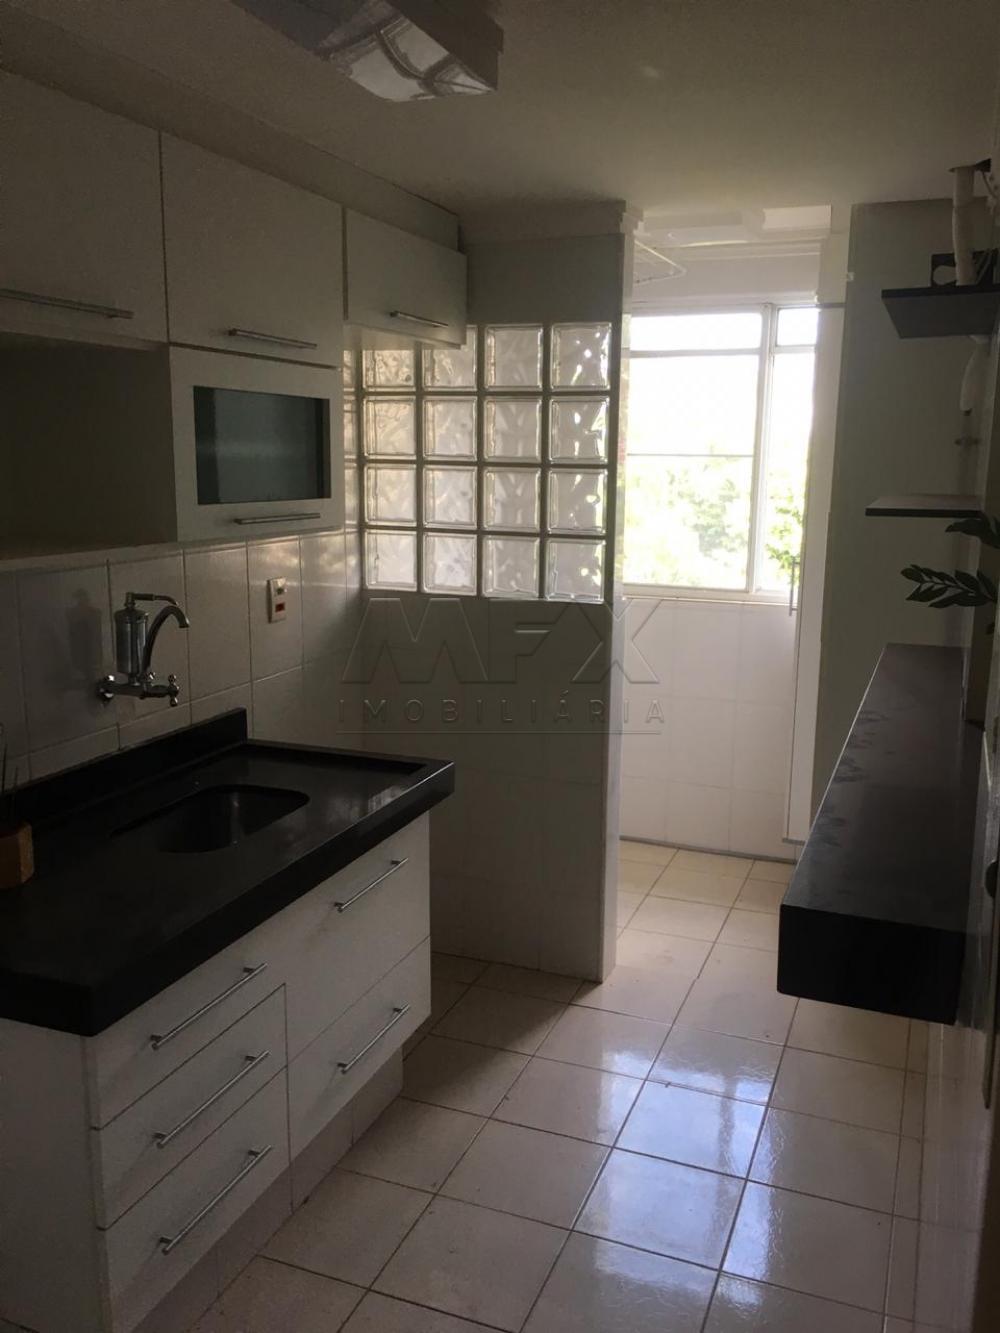 Comprar Apartamento / Padrão em Bauru R$ 170.000,00 - Foto 1